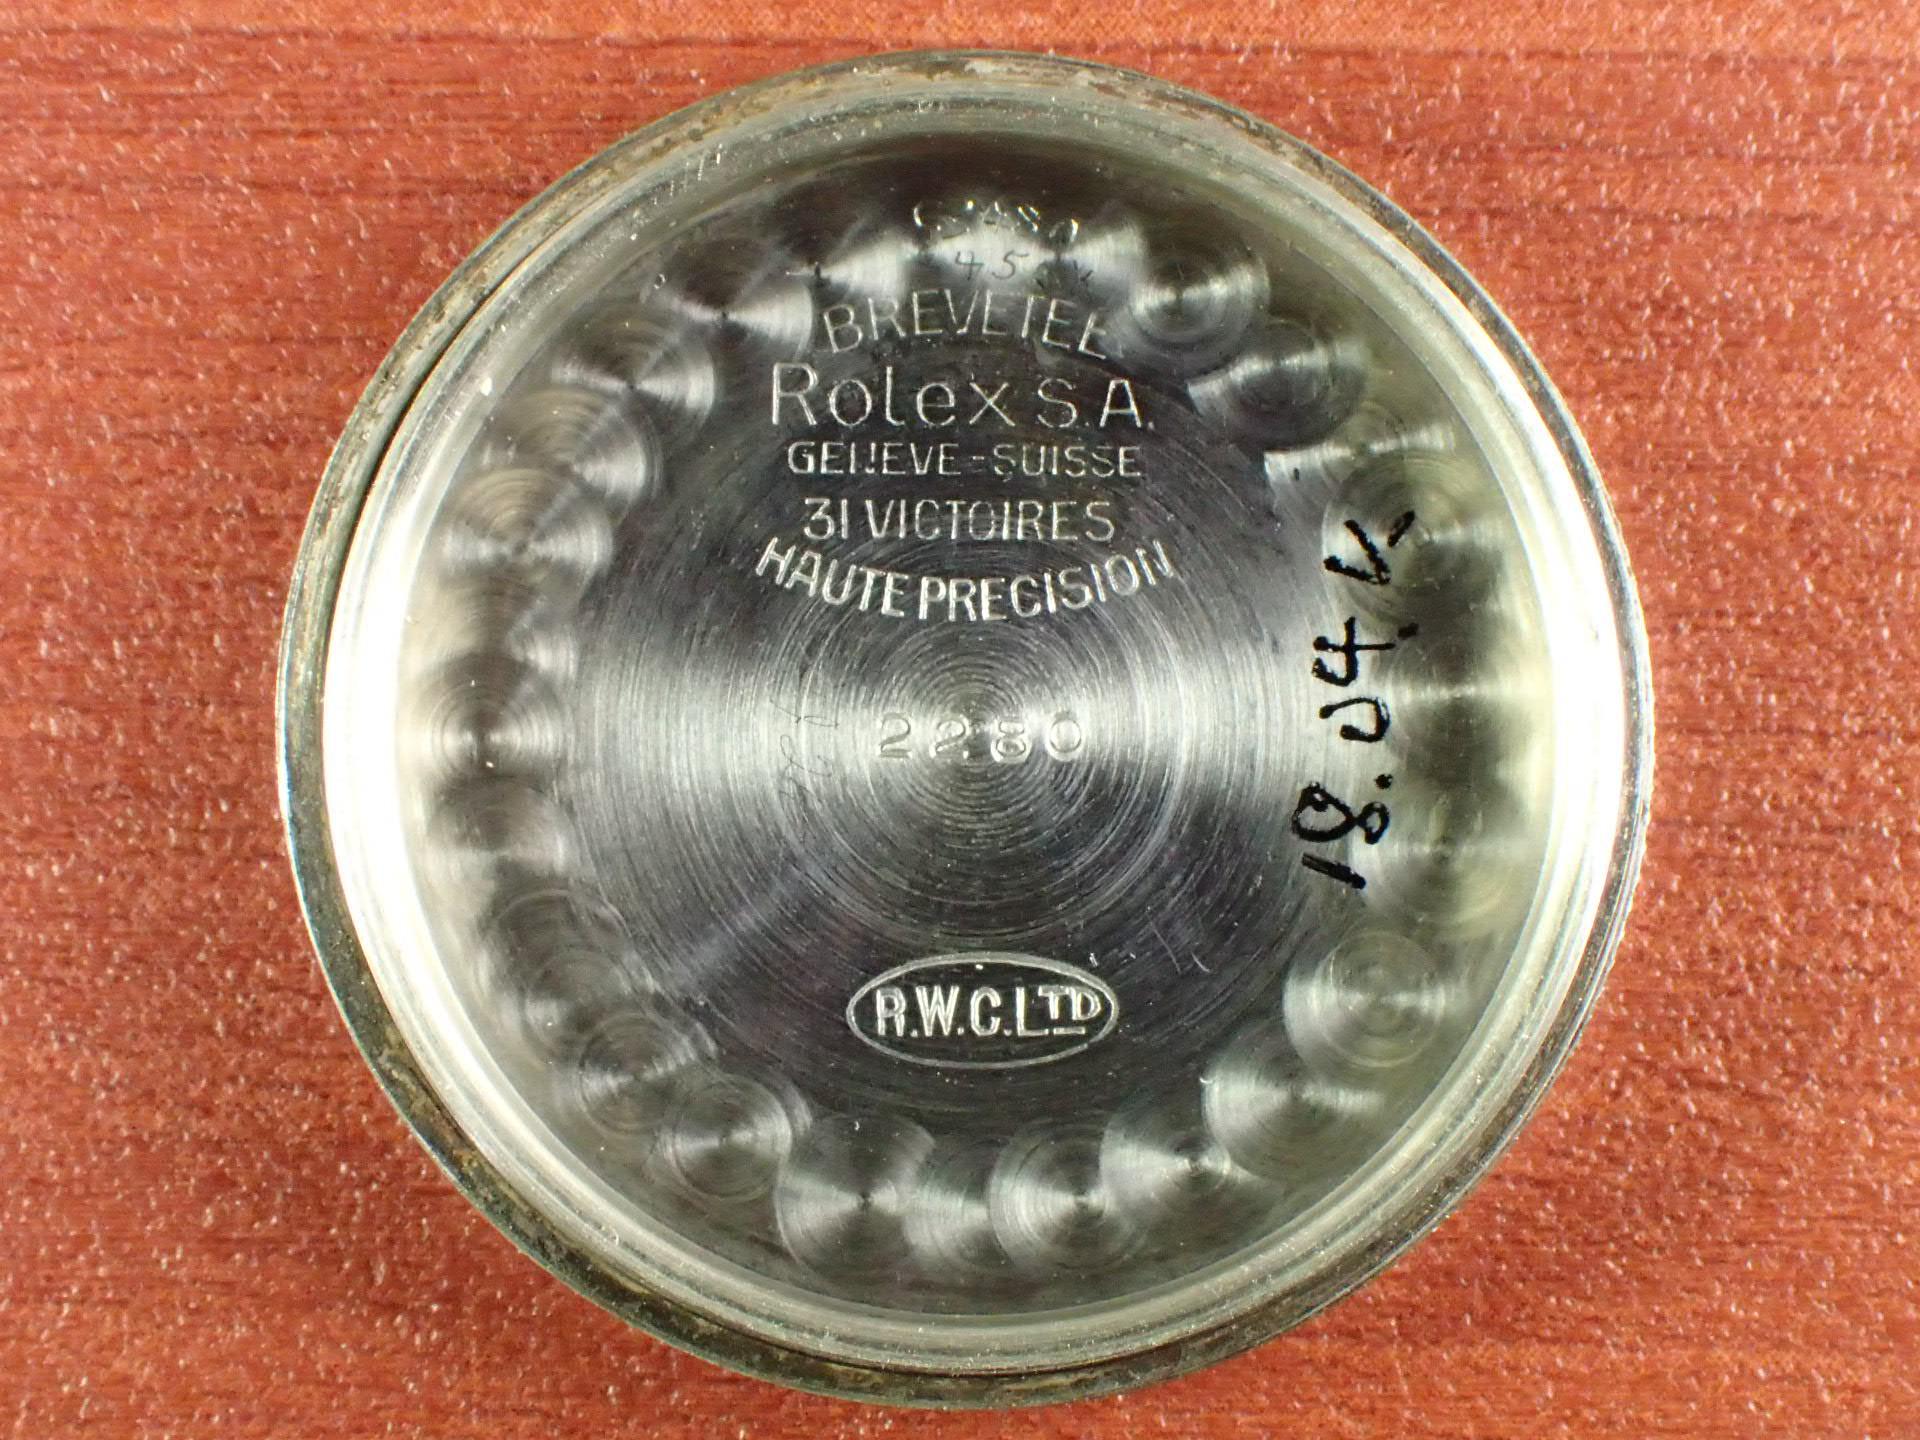 ロレックス オイスター ローヤライト 2トーンダイアル Ref.2280 1940年代の写真6枚目